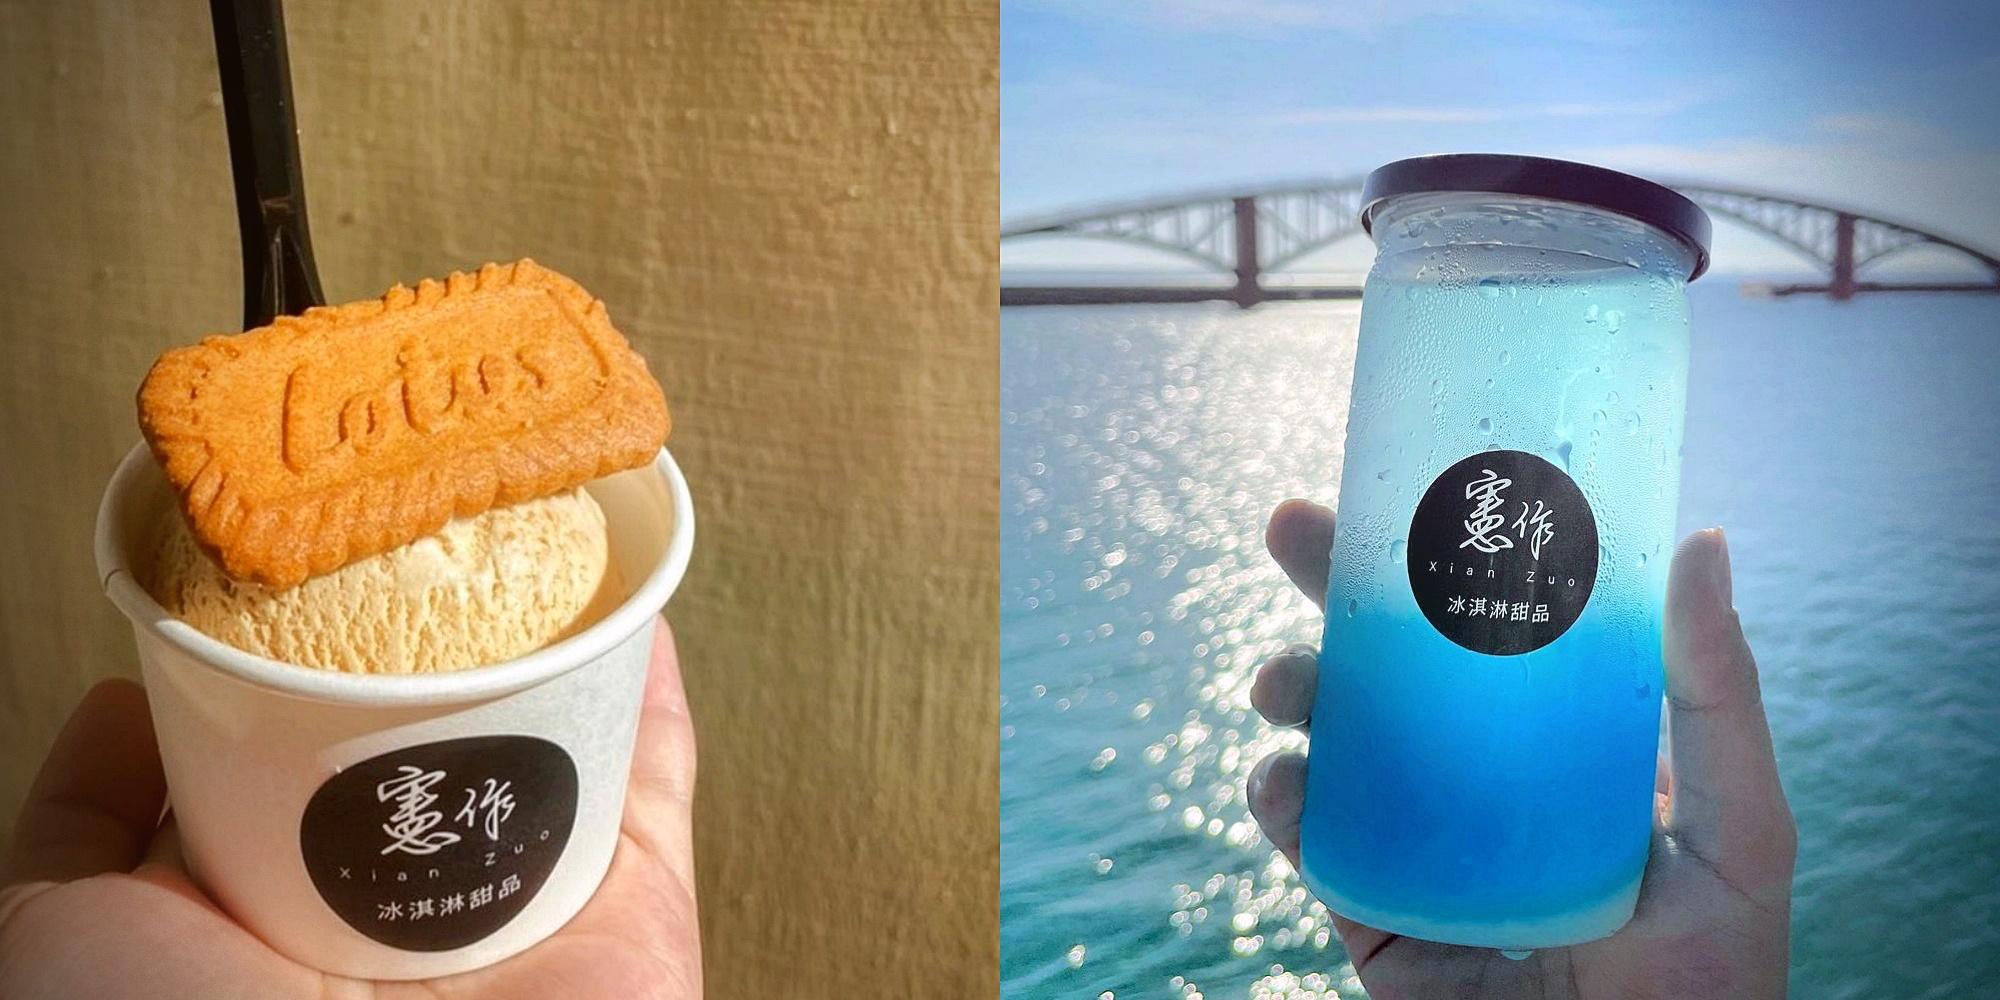 澎湖憲作冰淇淋甜品|澎湖義式冰淇淋|澎湖必吃甜點、飲品